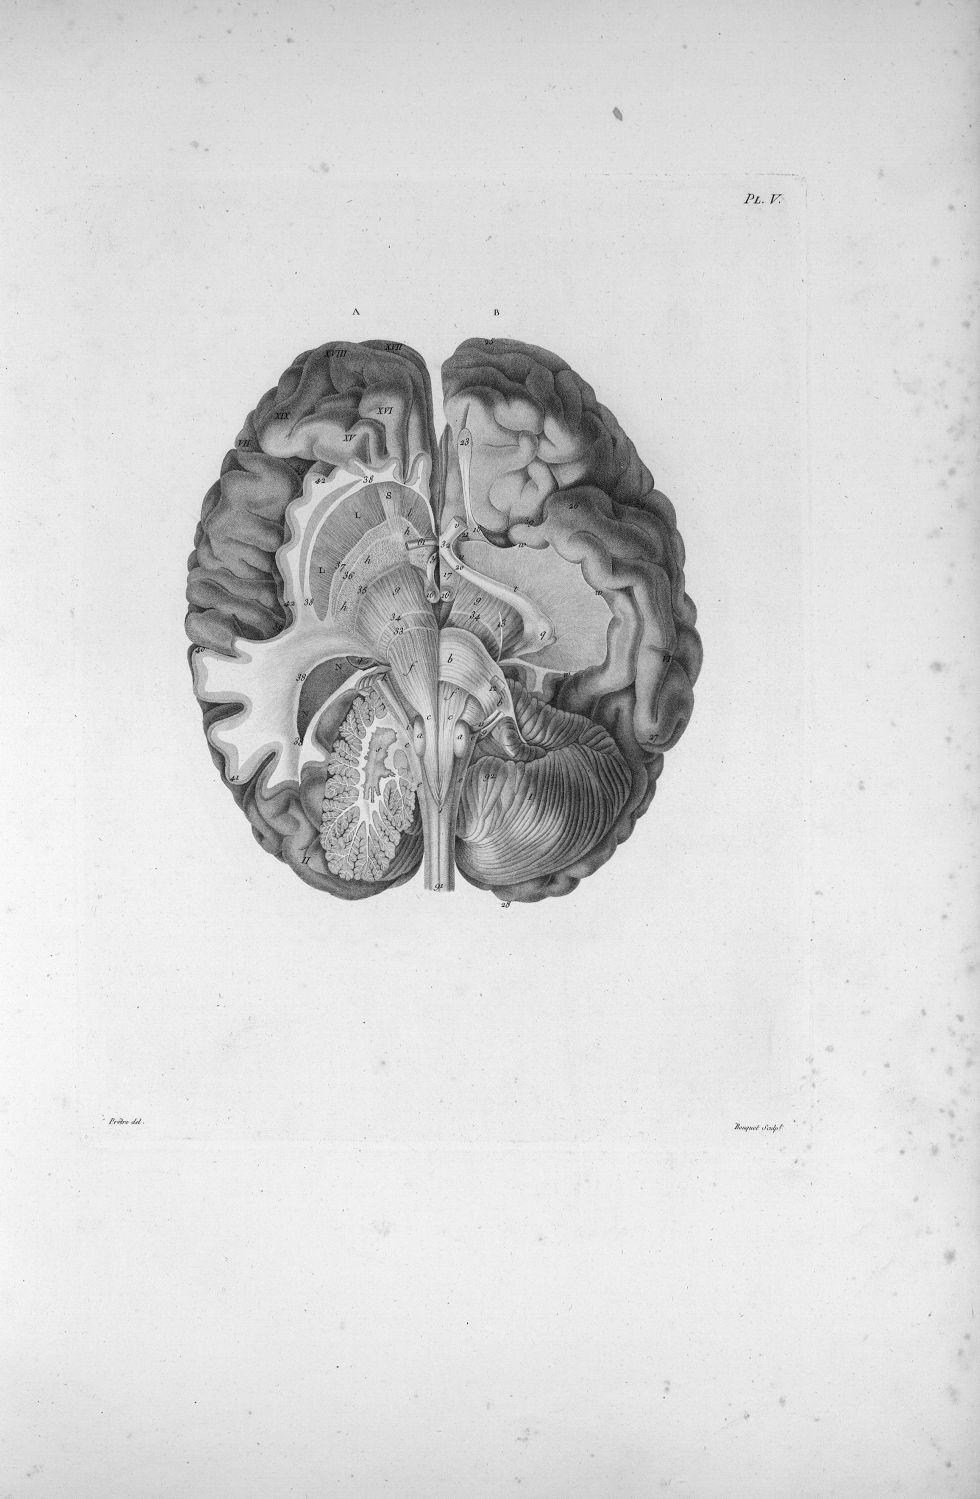 Pl. V. Représentation du cervelet et d'une partie de la base du cerveau - Anatomie et physiologie du [...] - Anatomie. Neurologie. Cerveaux (têtes). 19e siècle (France) - med00575xatlasx0015